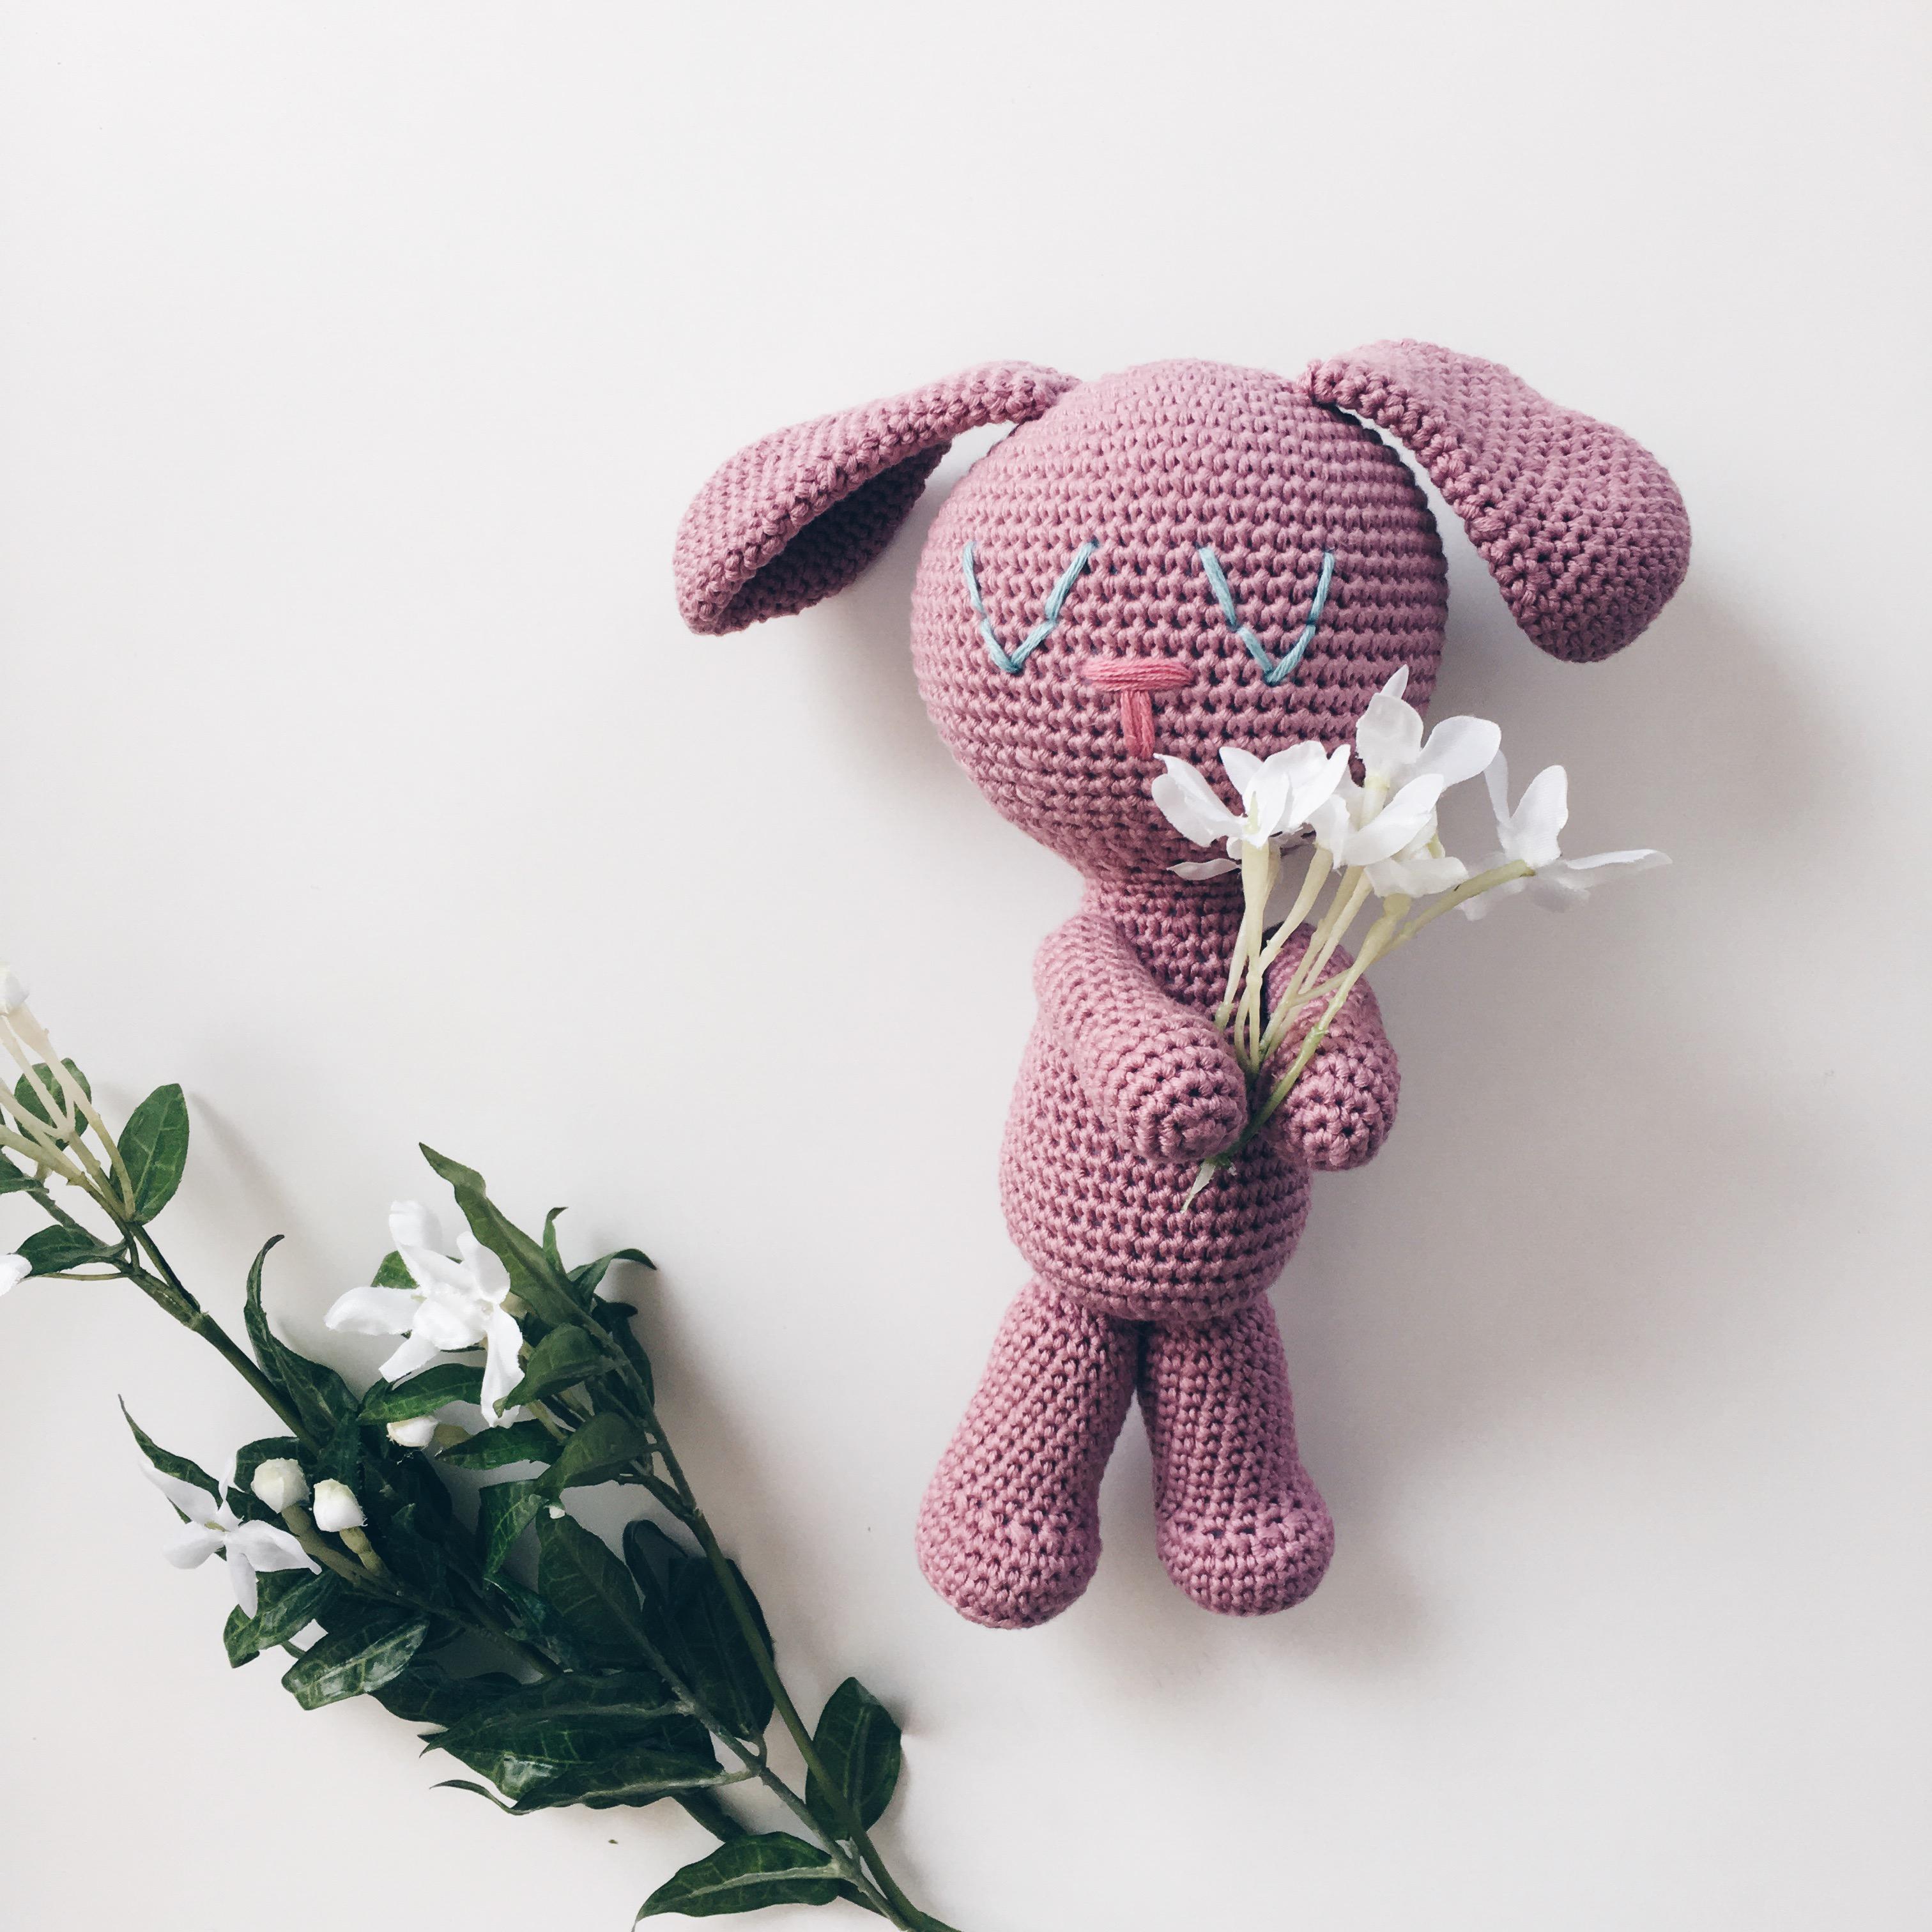 Patrón conejo dormilón – Knitting is cool